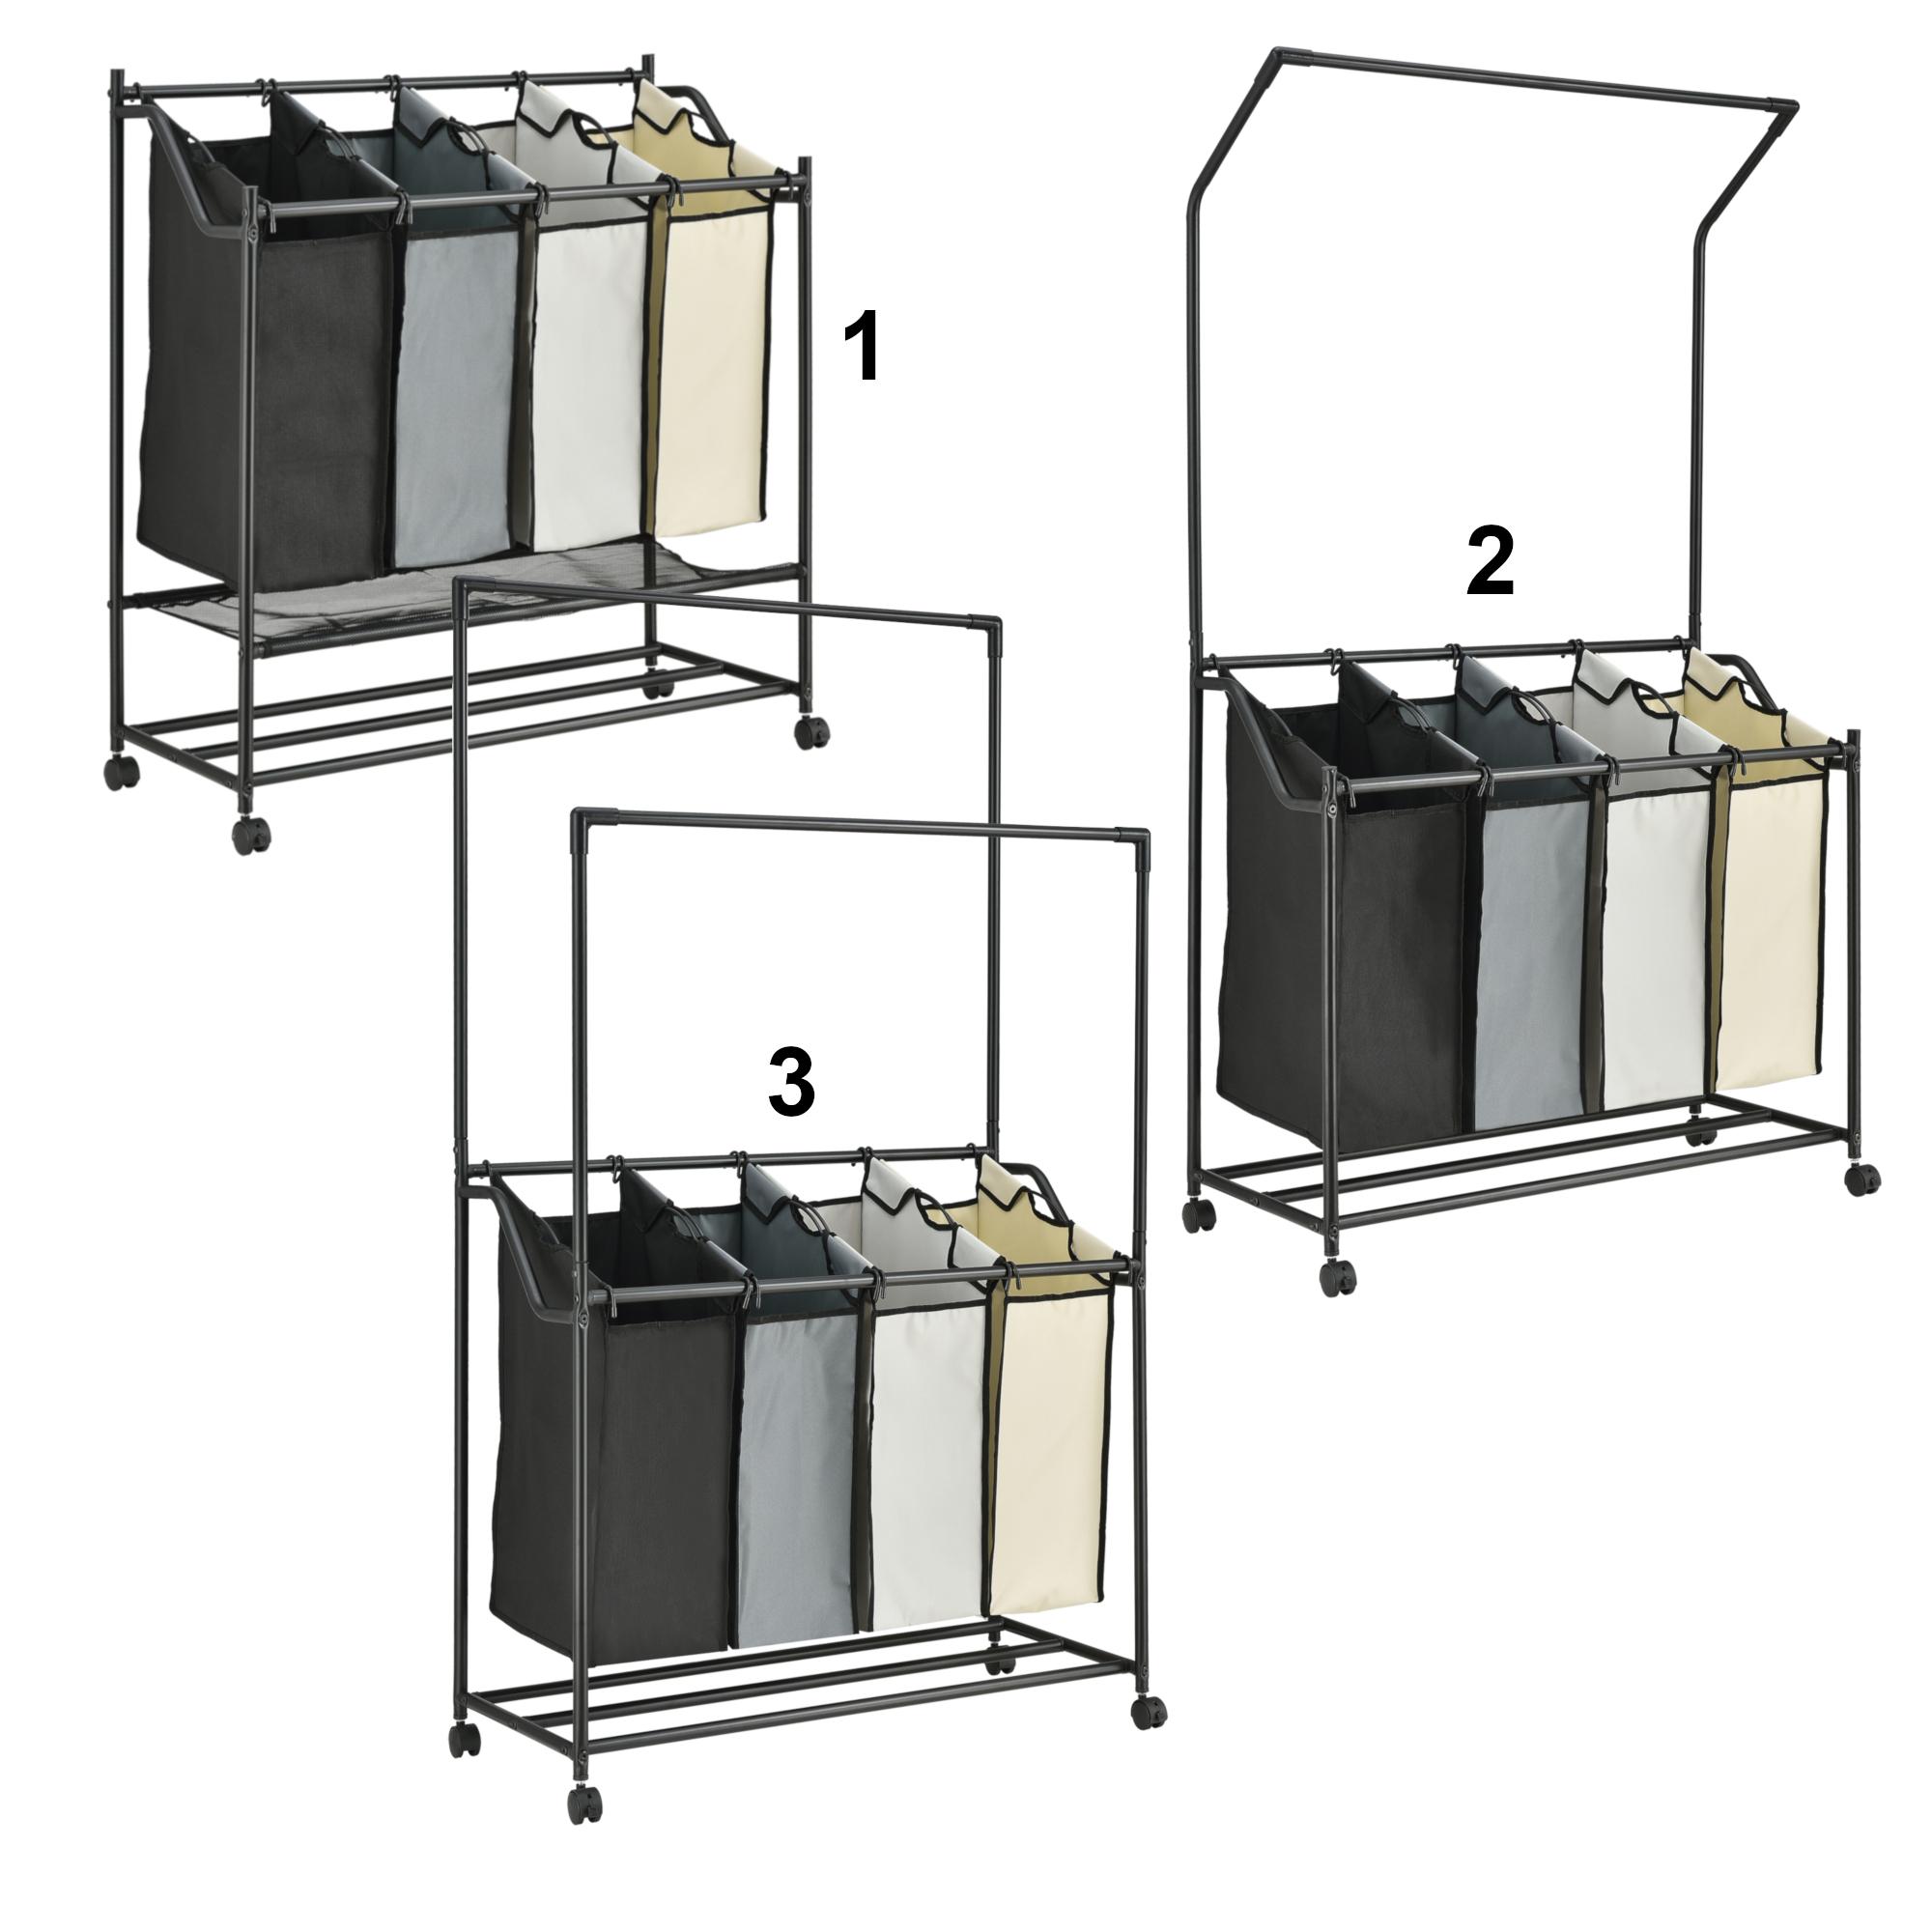 2 Kleiderstangen Wäschesortierer Wäschesammler Korb Wäschewagen mit 4 Fächern